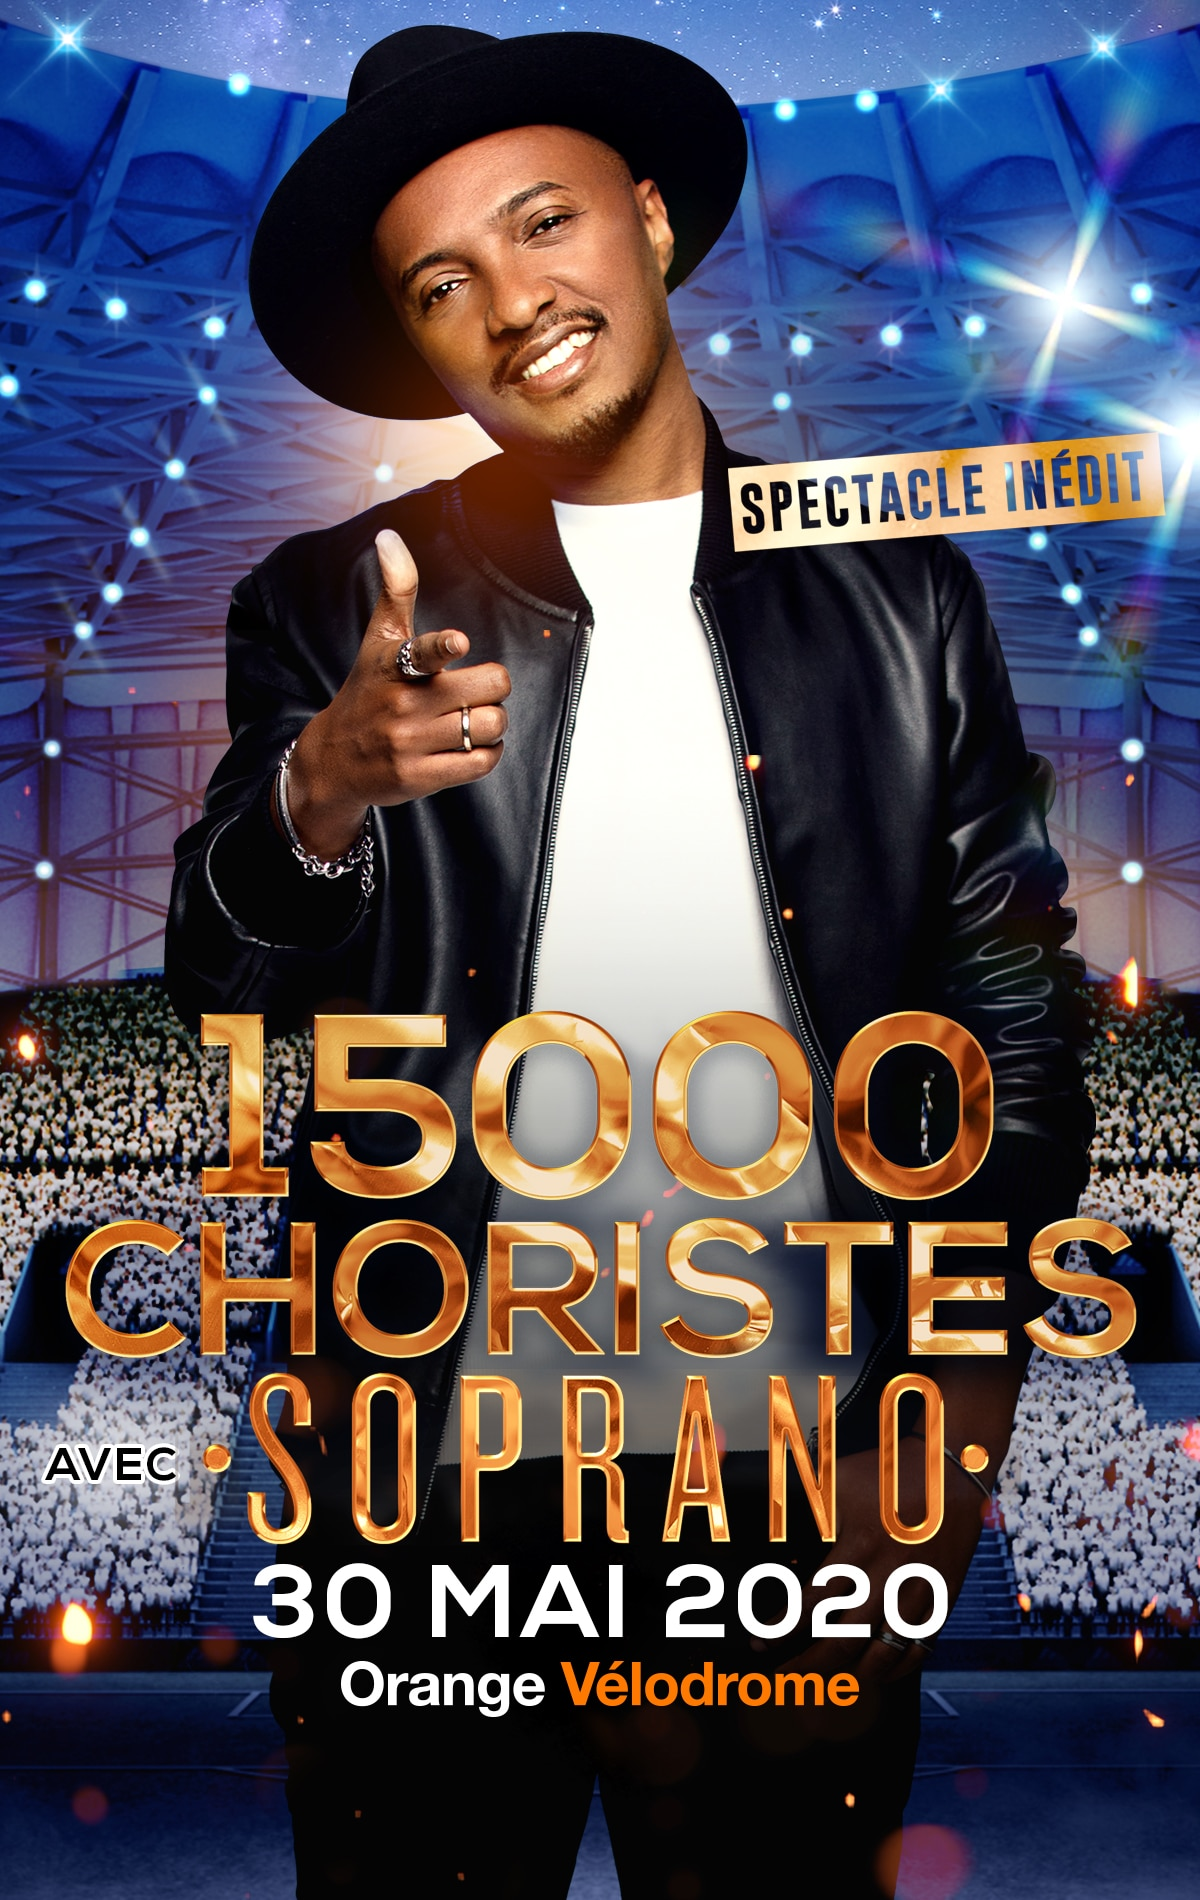 """Résultat de recherche d'images pour """"15000 choristes avec soprano"""""""